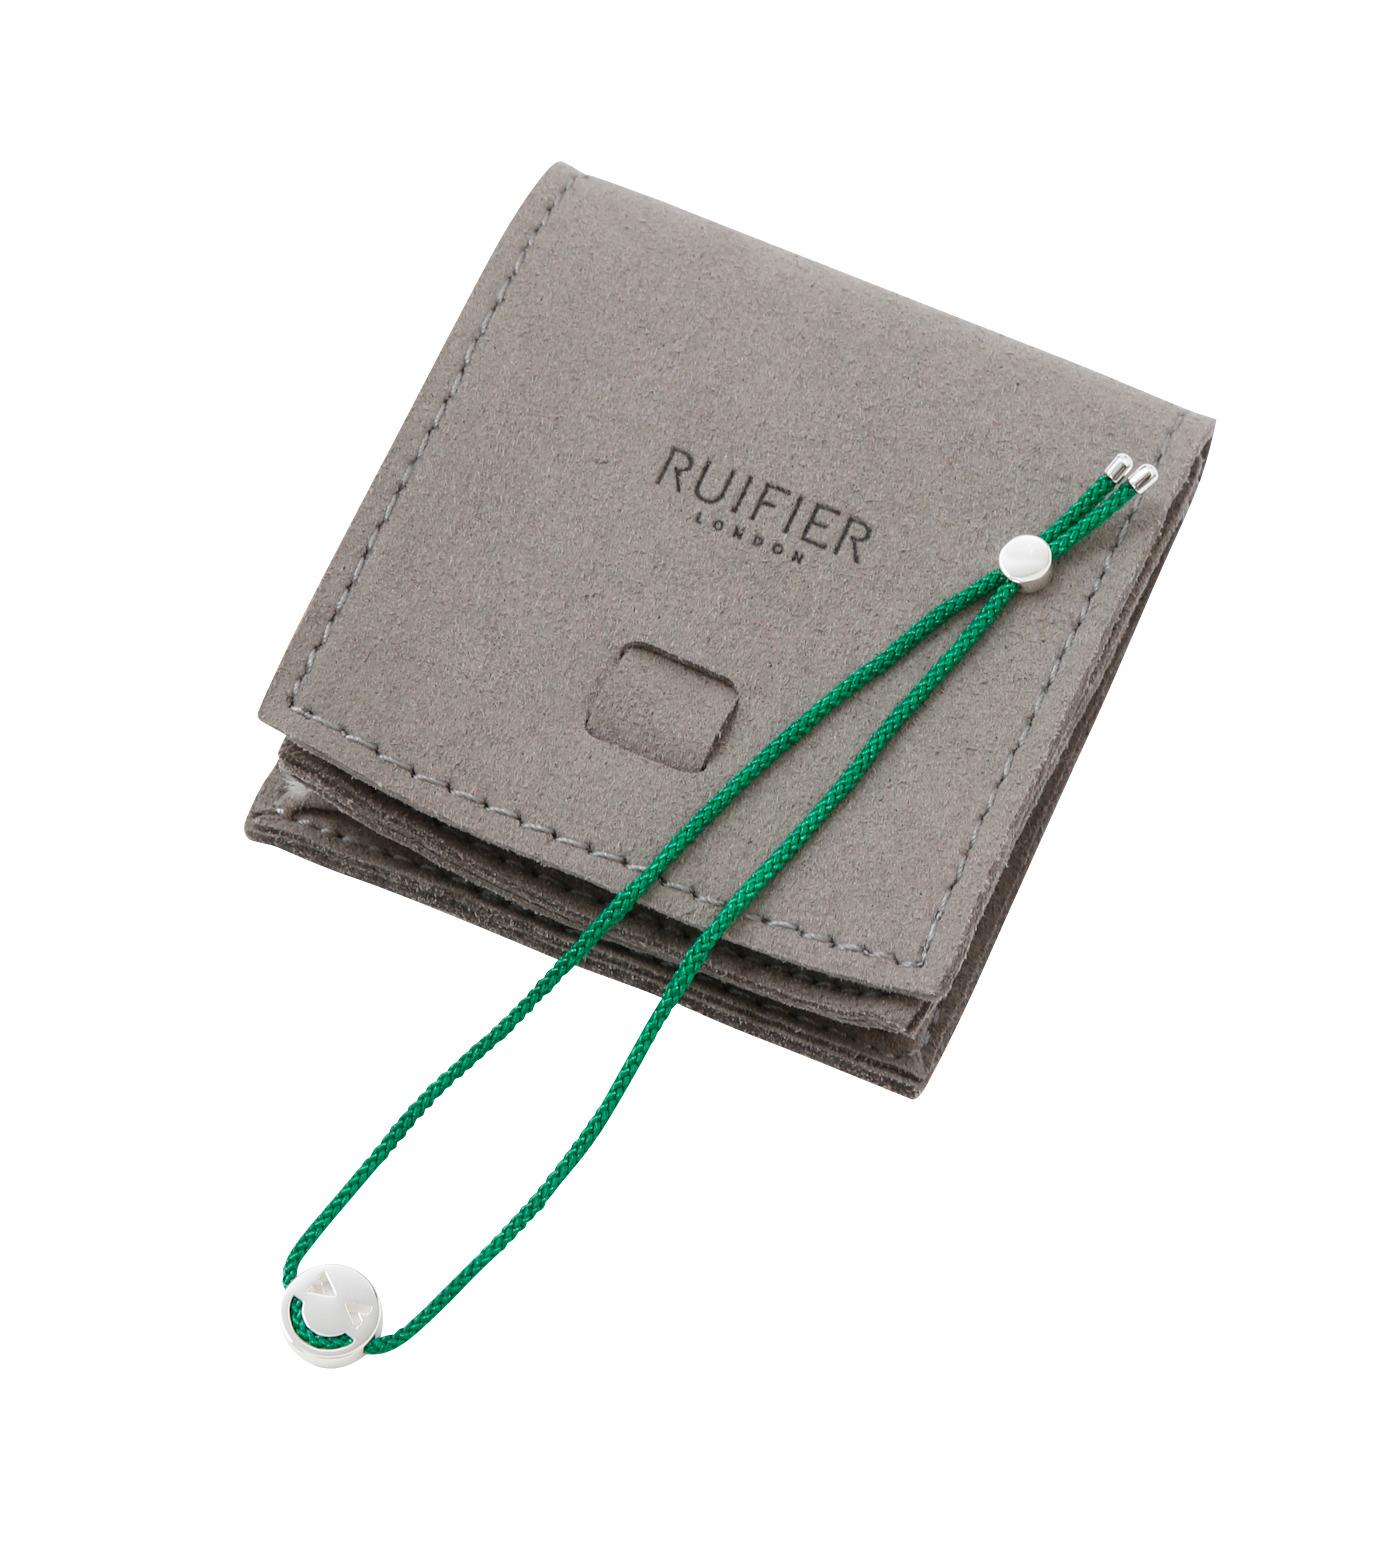 RUIFIER(ルイフフェラ)のFriends Bracelet Silver-GREEN(ブレスレット/bracelet)-BSL57VE0G-22 拡大詳細画像3